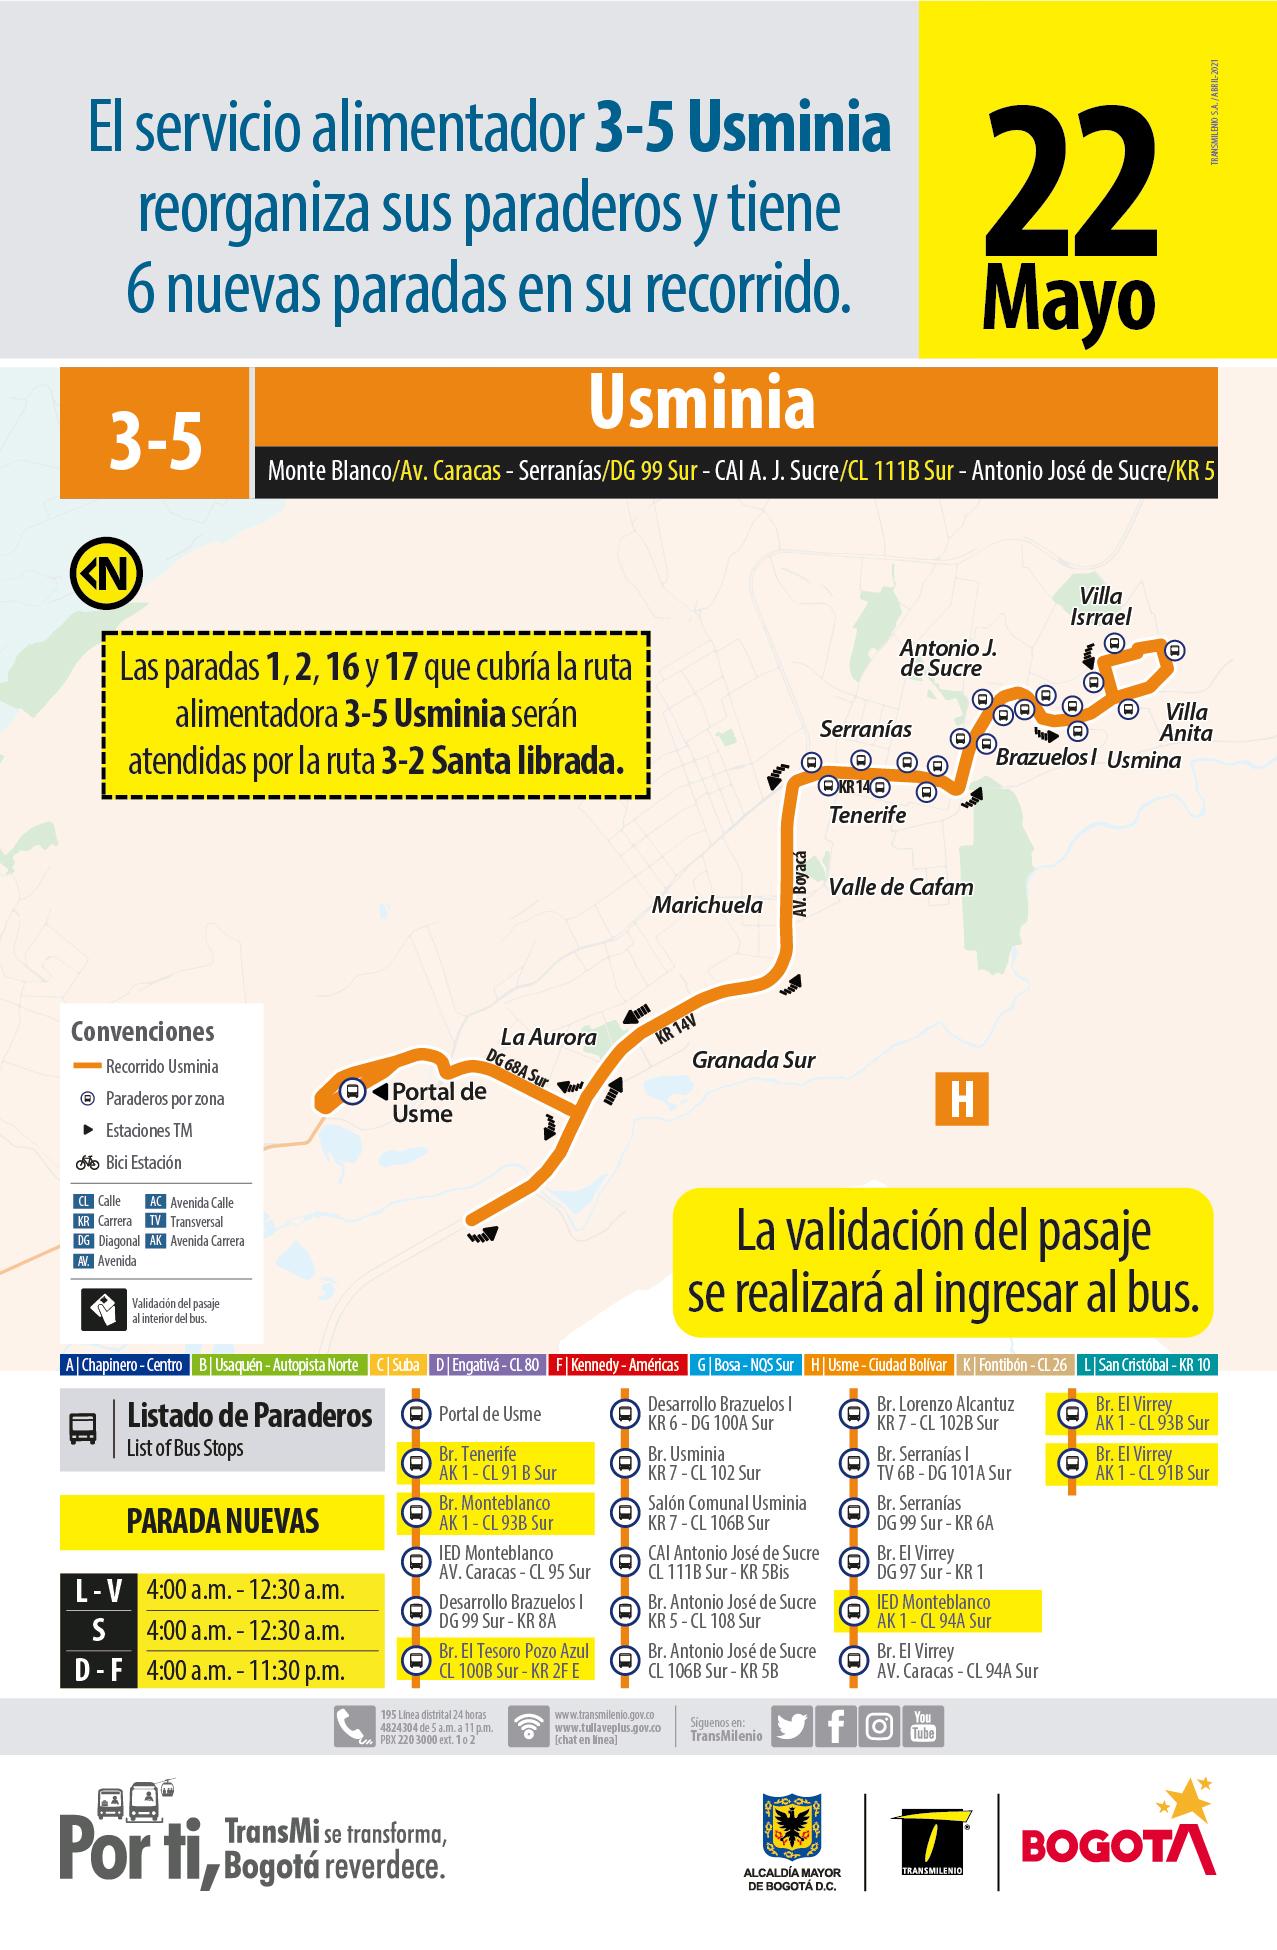 3-5 Usmina